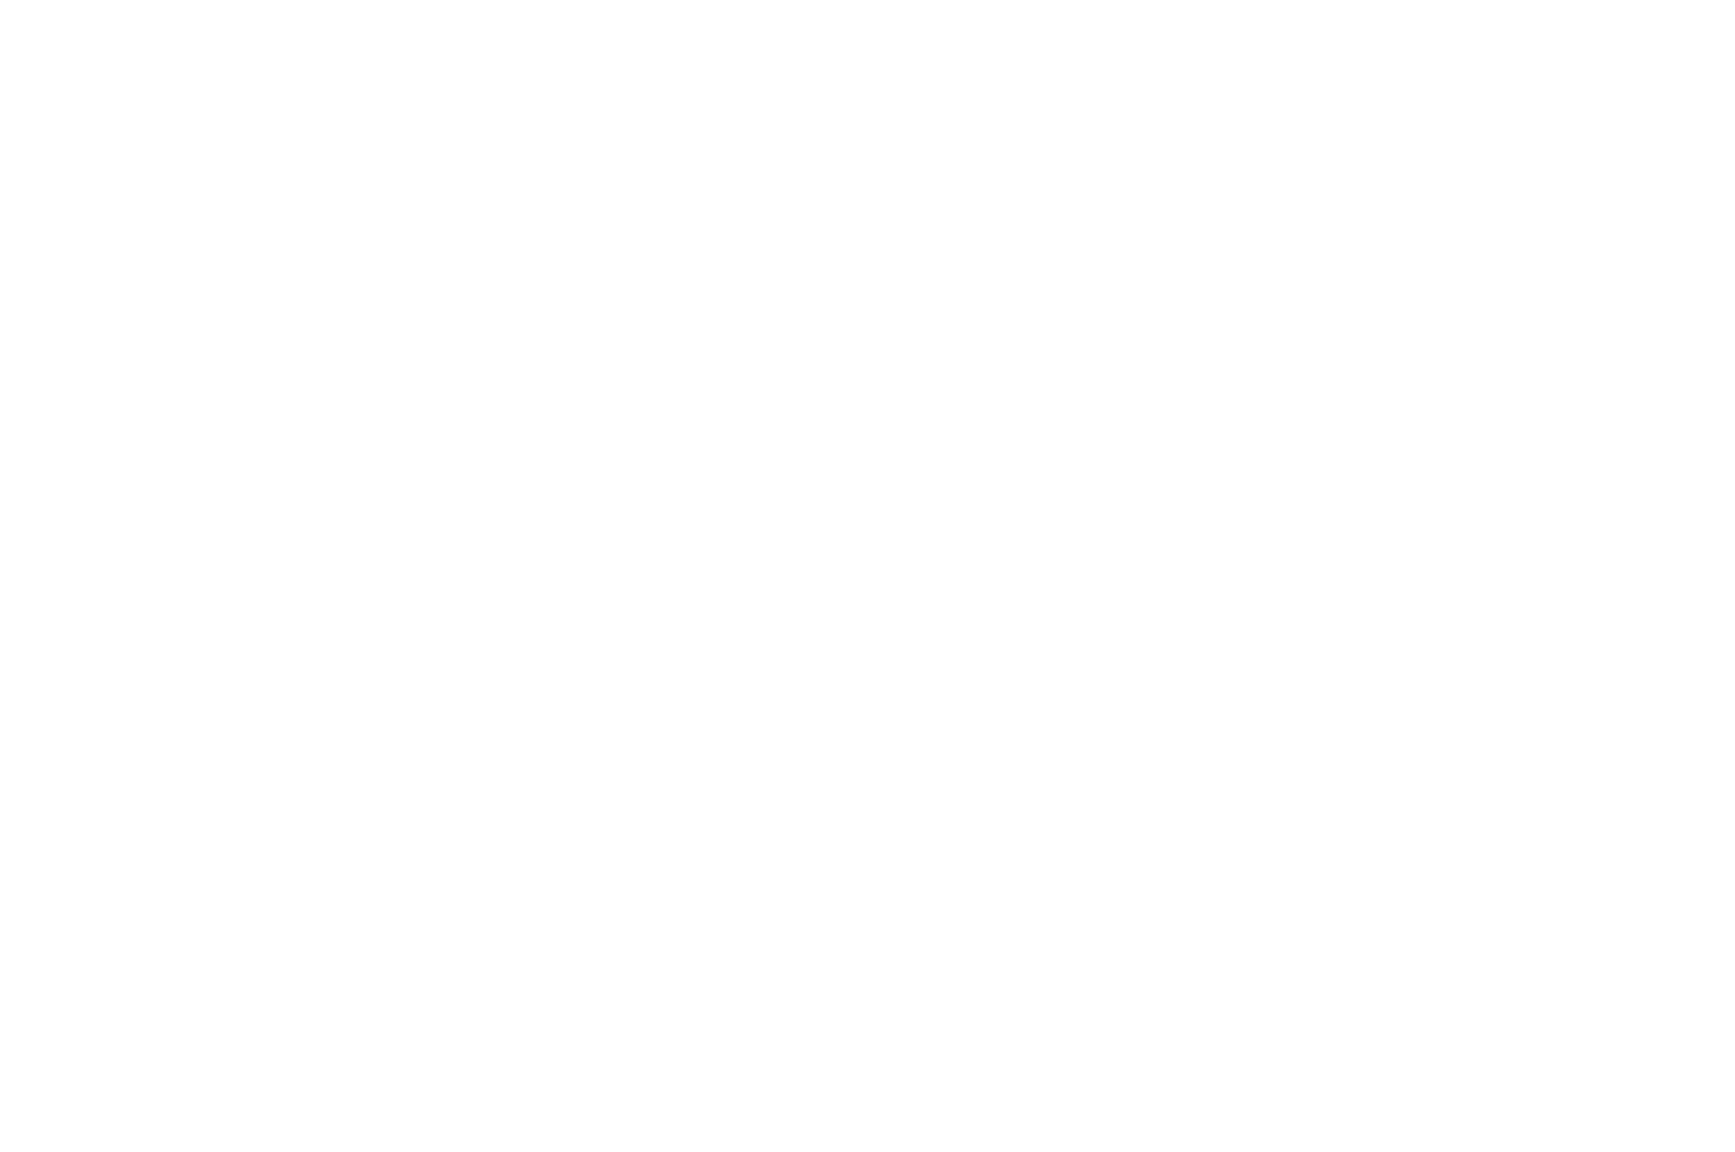 Sir Edmund Hillary Award - Mountain Film Festival - 2018 - Worth It.png